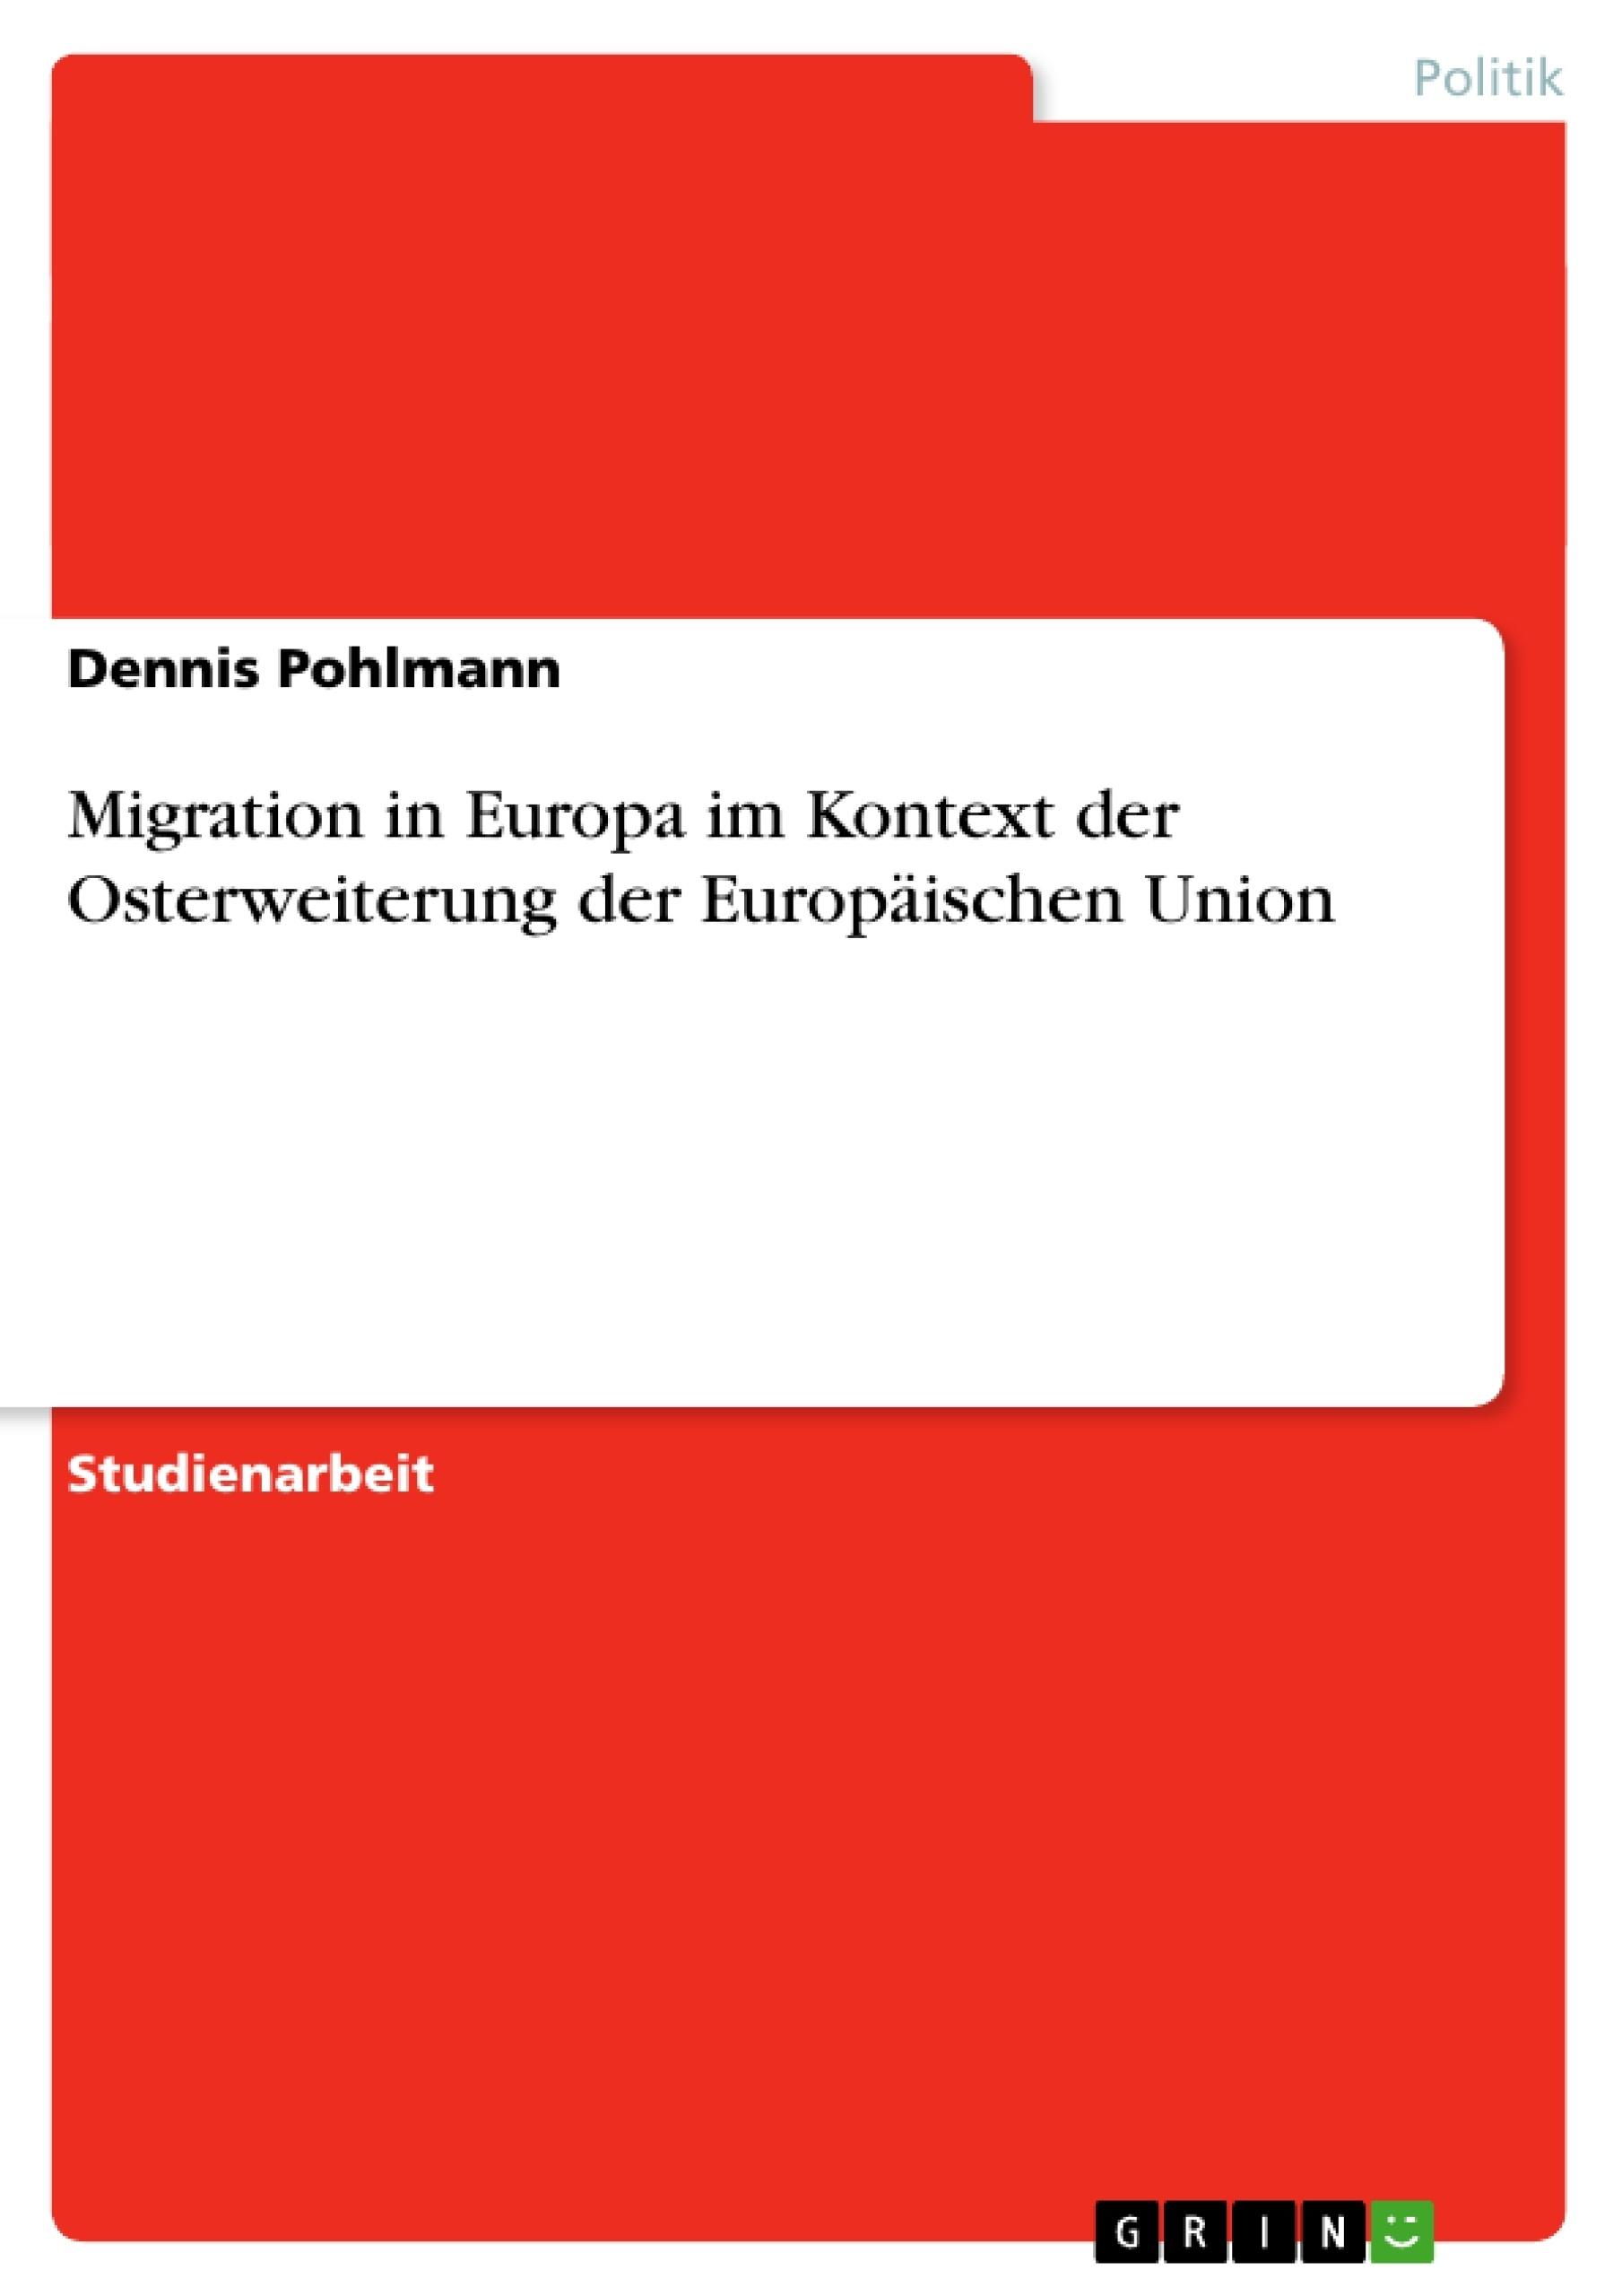 Titel: Migration in Europa im Kontext der Osterweiterung der Europäischen Union